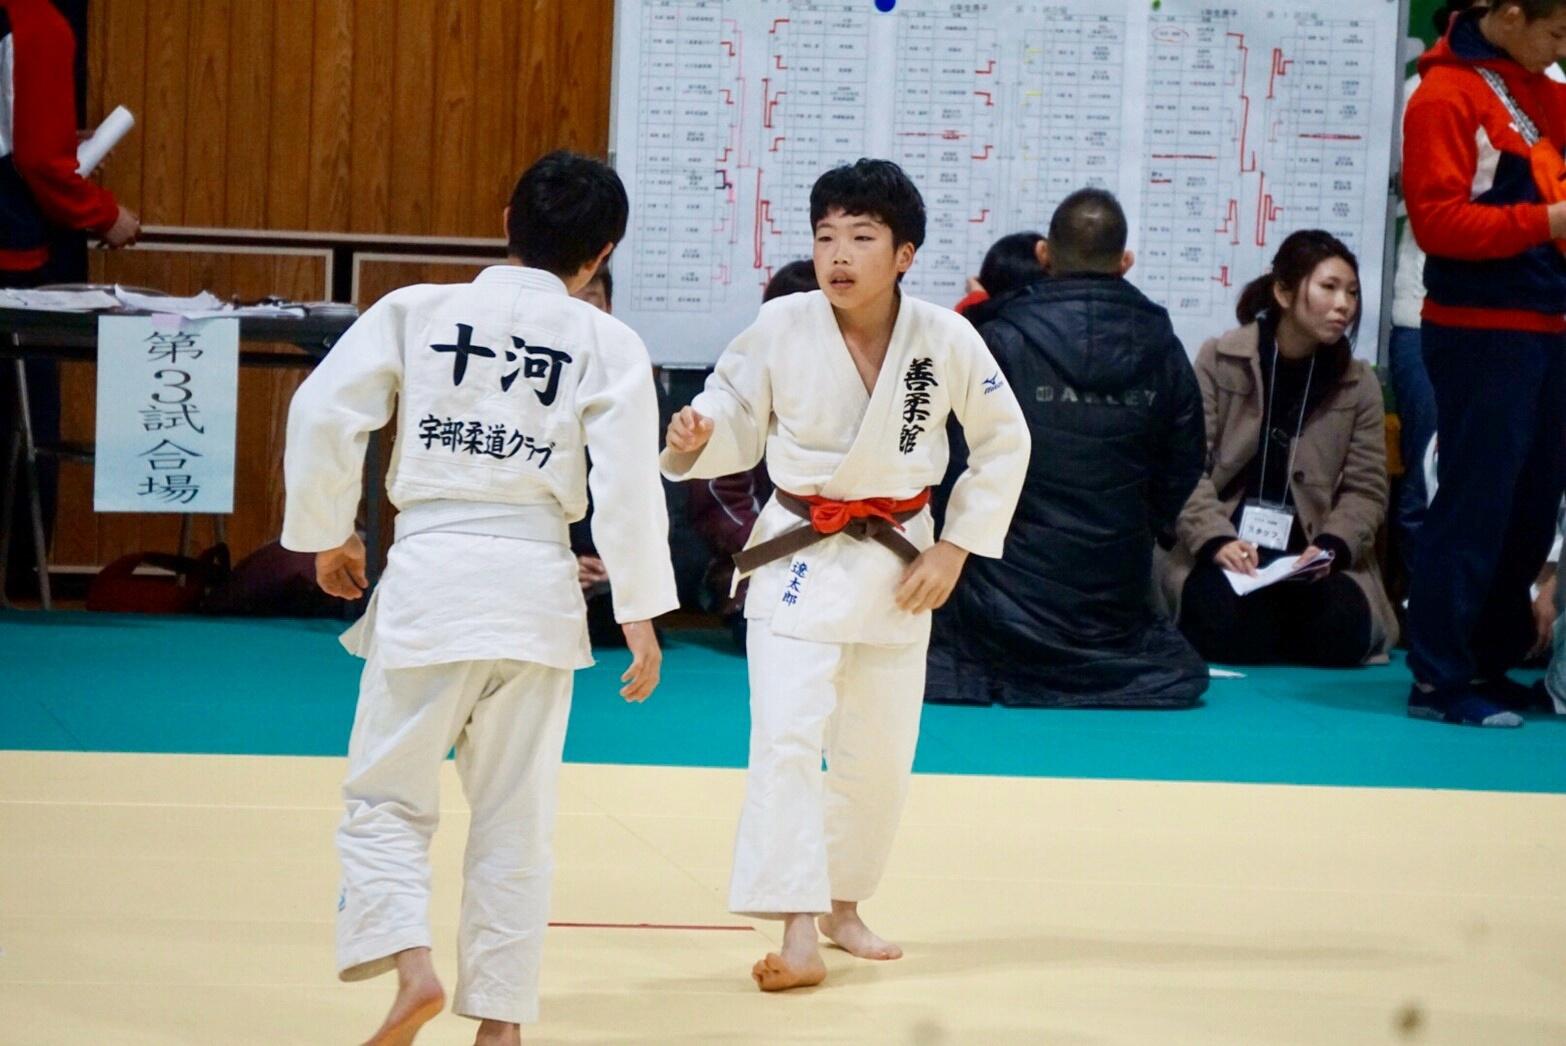 2020 柳ヶ浦少年柔道大会_b0172494_17364656.jpg